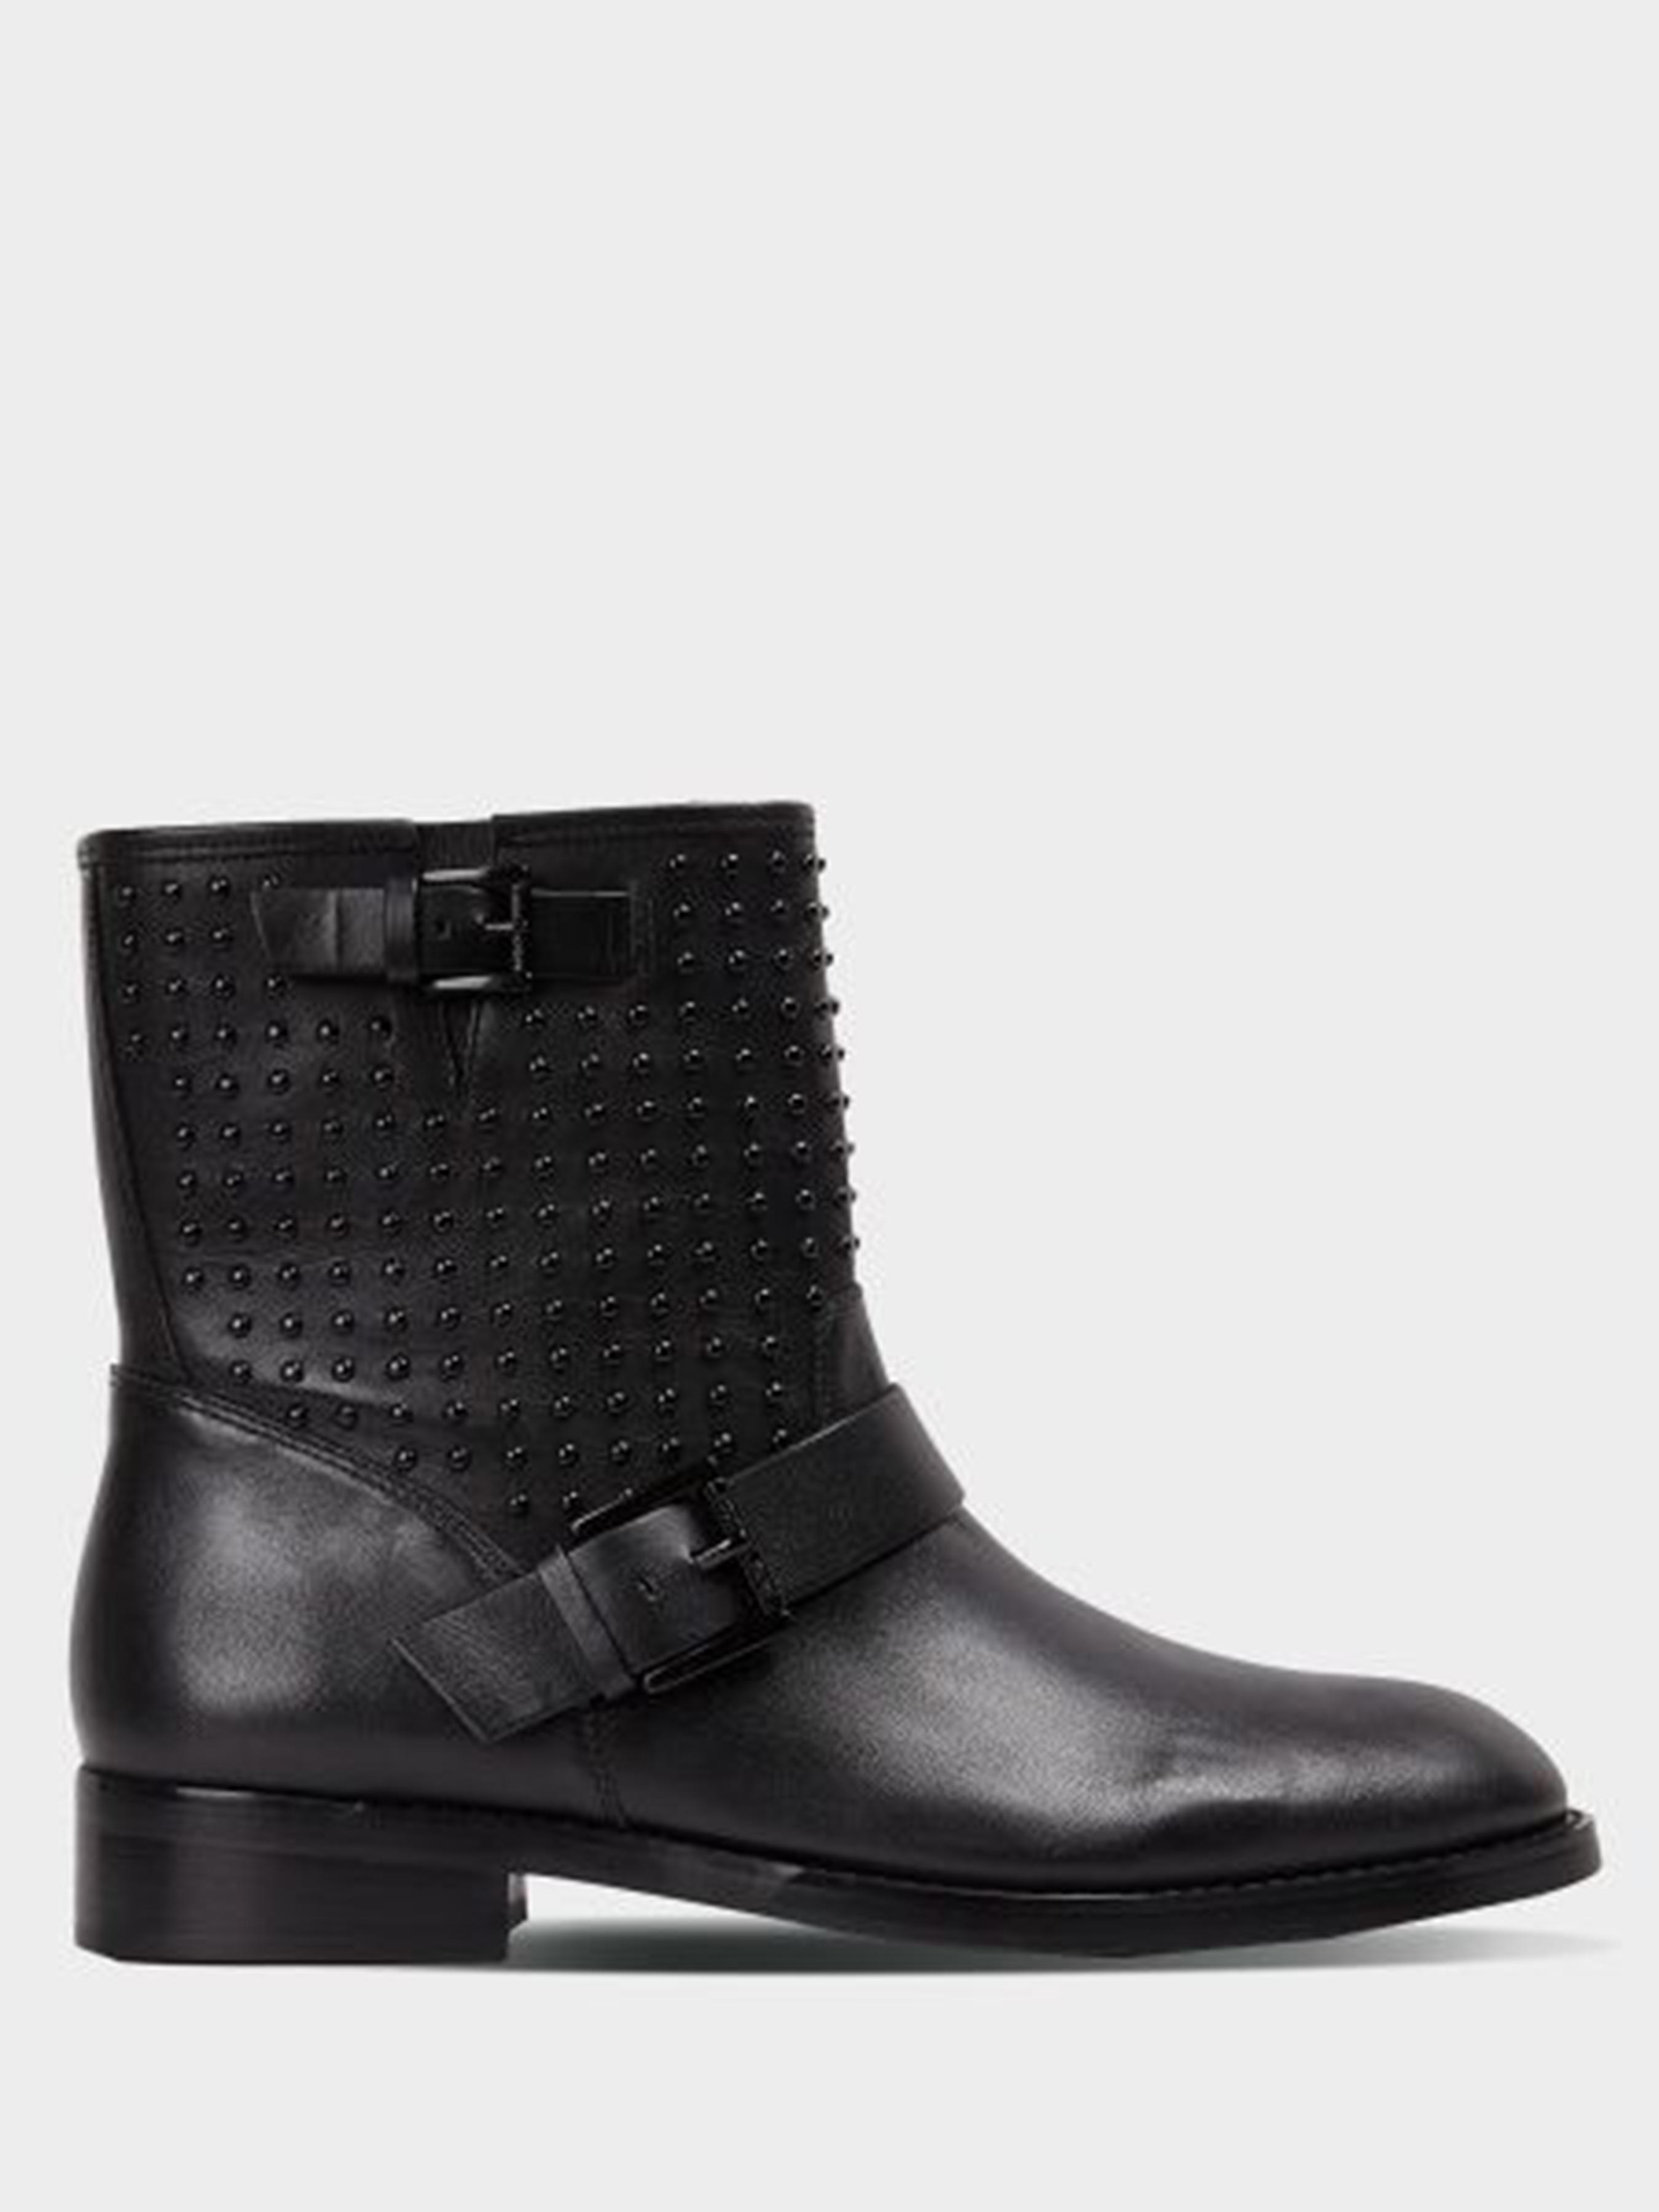 Ботинки женские Michael Kors 4Y41 размерная сетка обуви, 2017